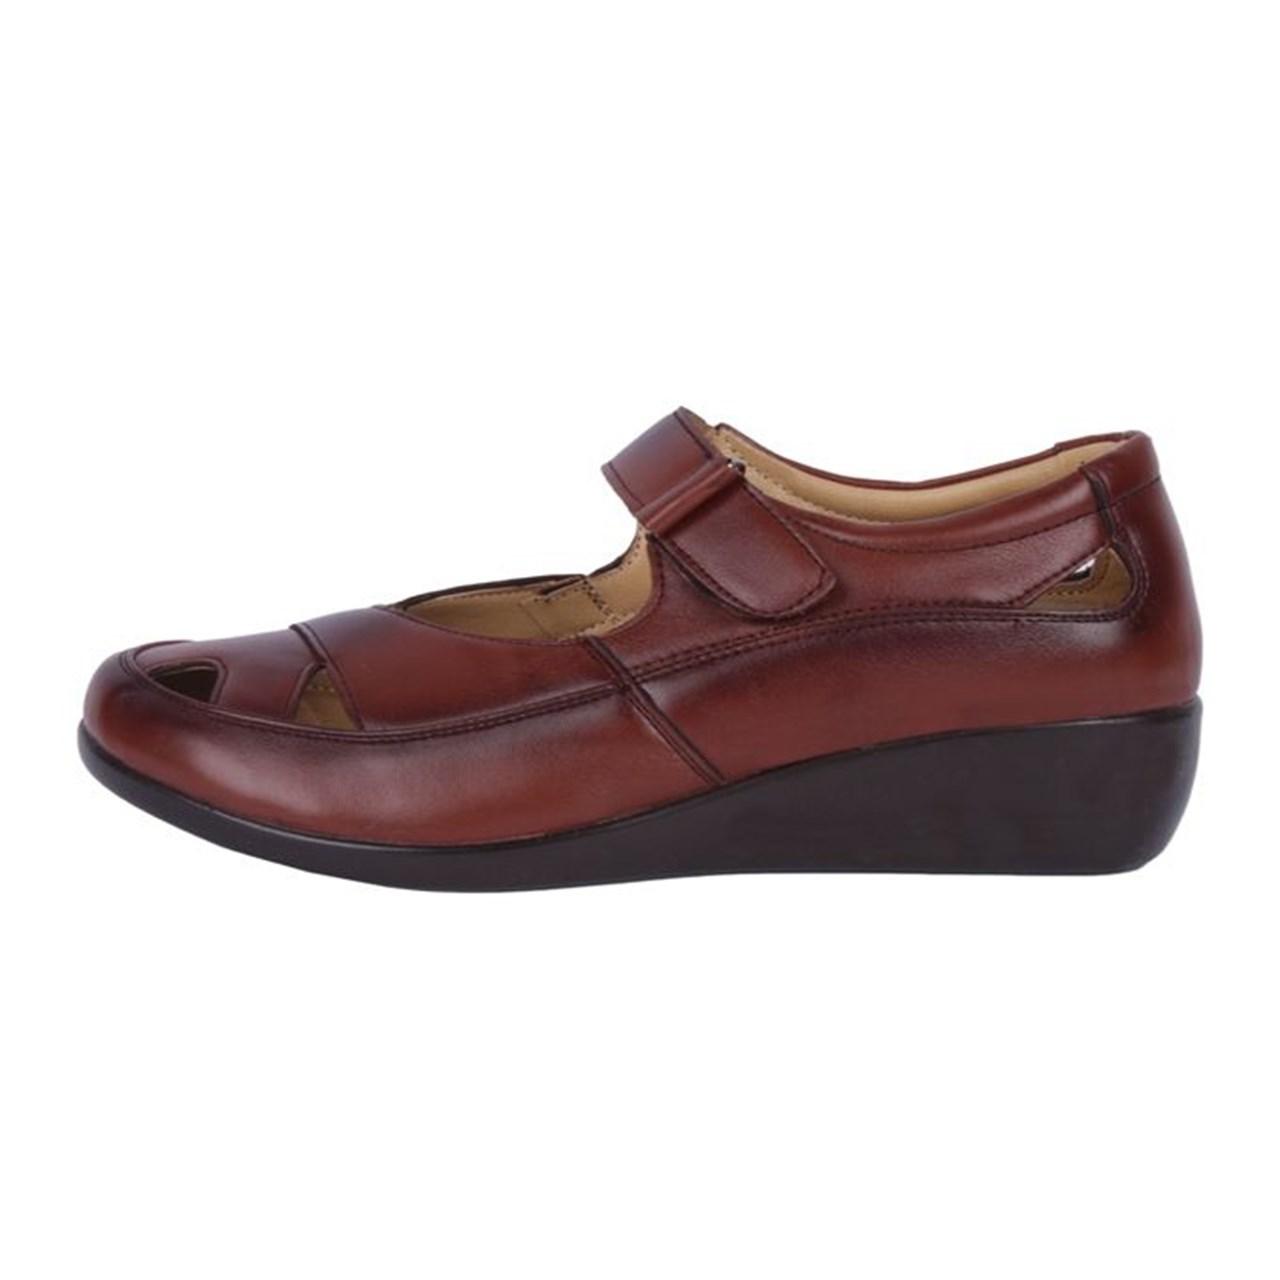 خرید کفش طبی زنانه مهاجر مدل m57gh